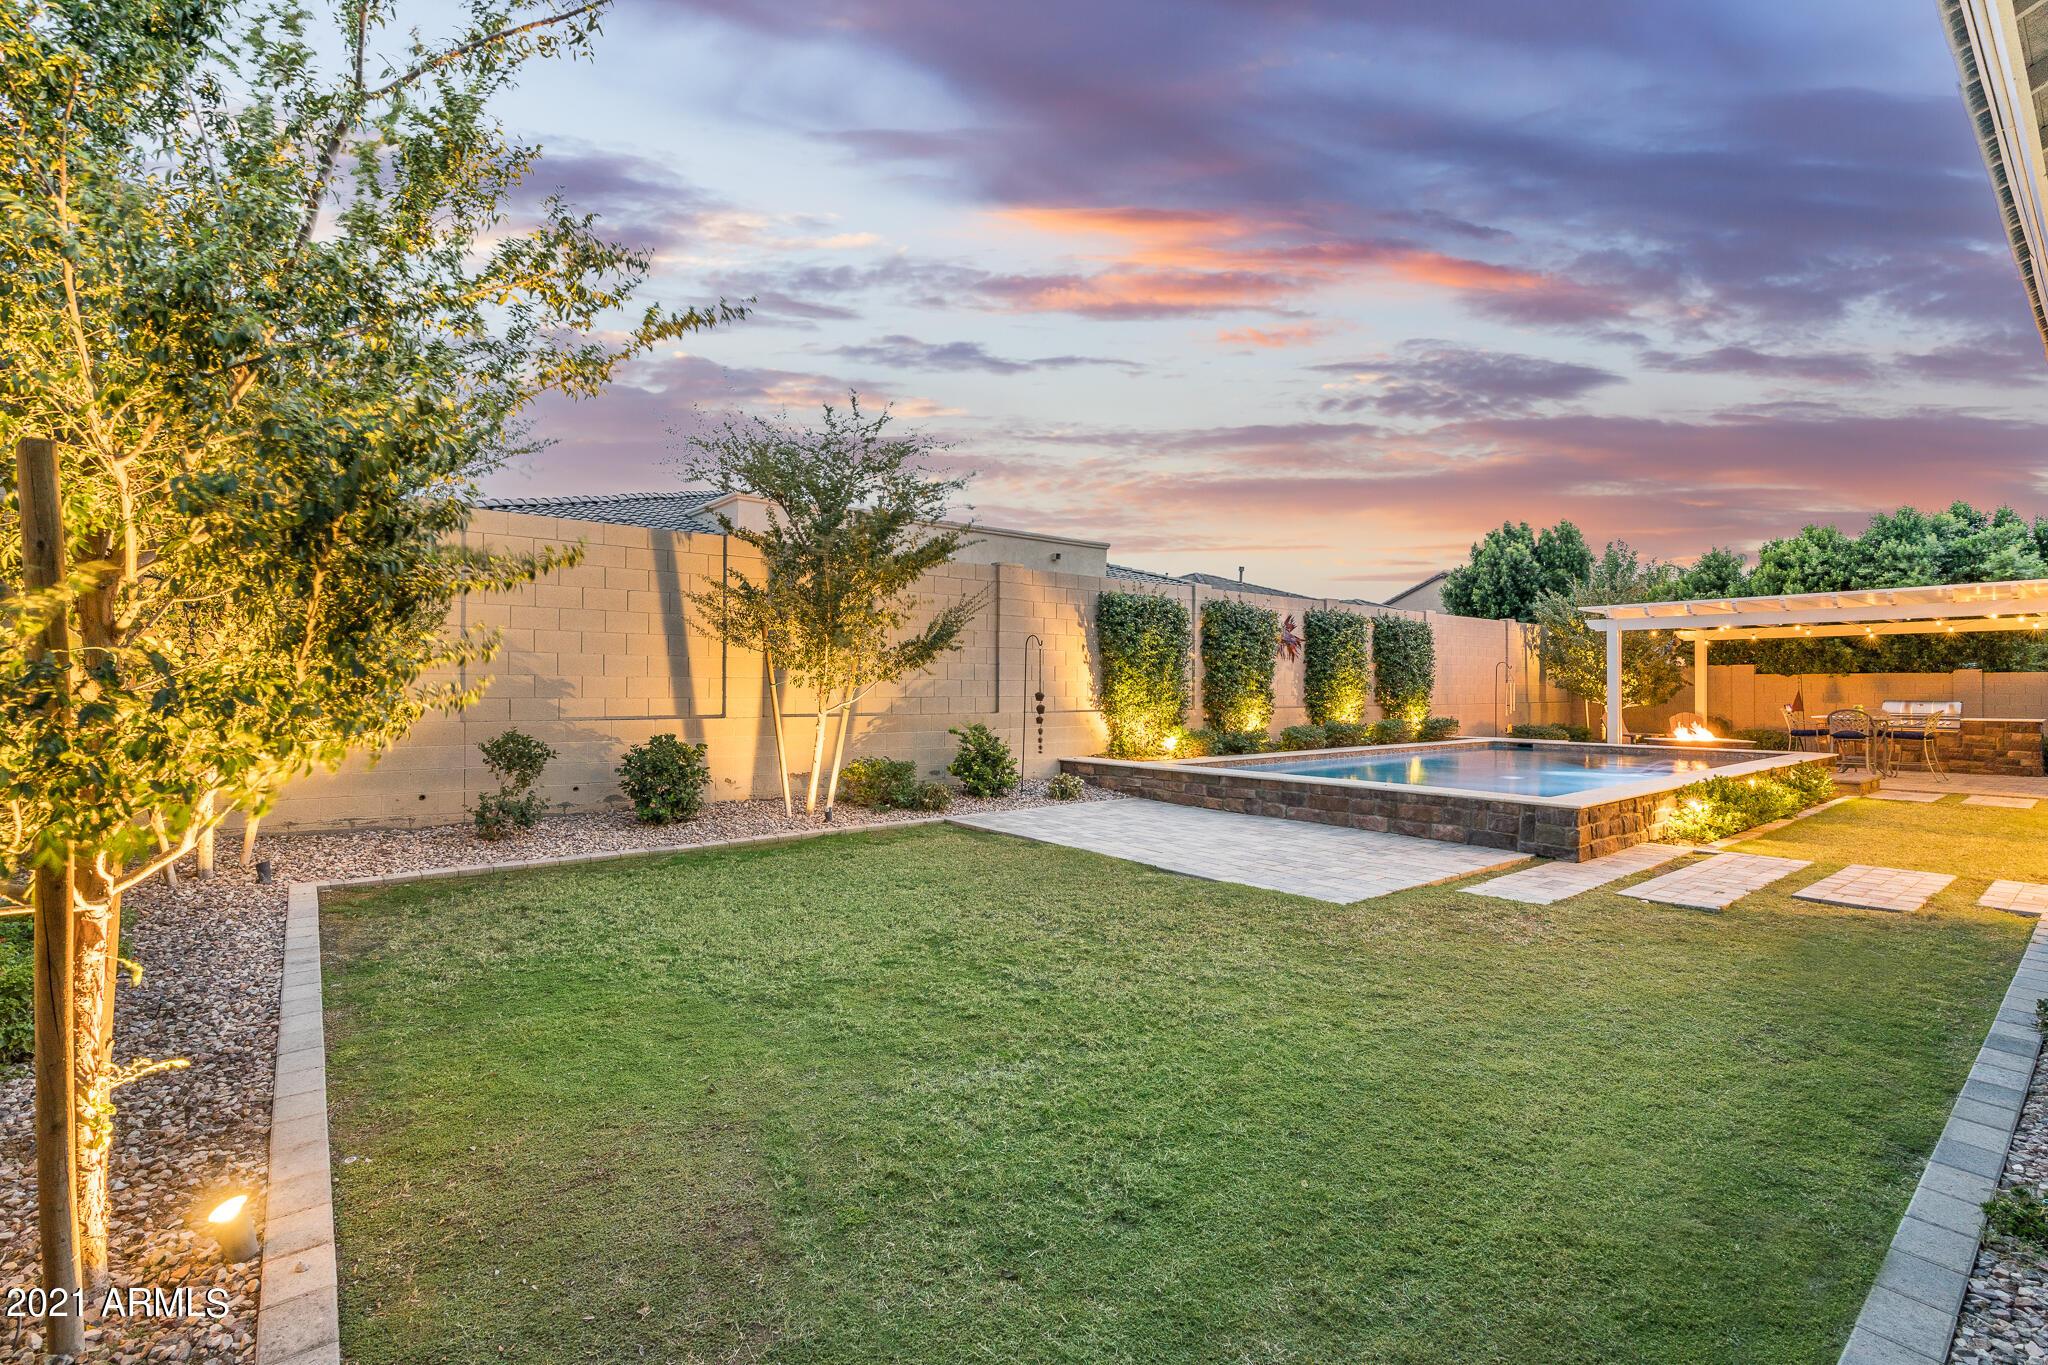 MLS 6299913 2539 E HAYMORE Street, Gilbert, AZ 85298 3 Car Garages